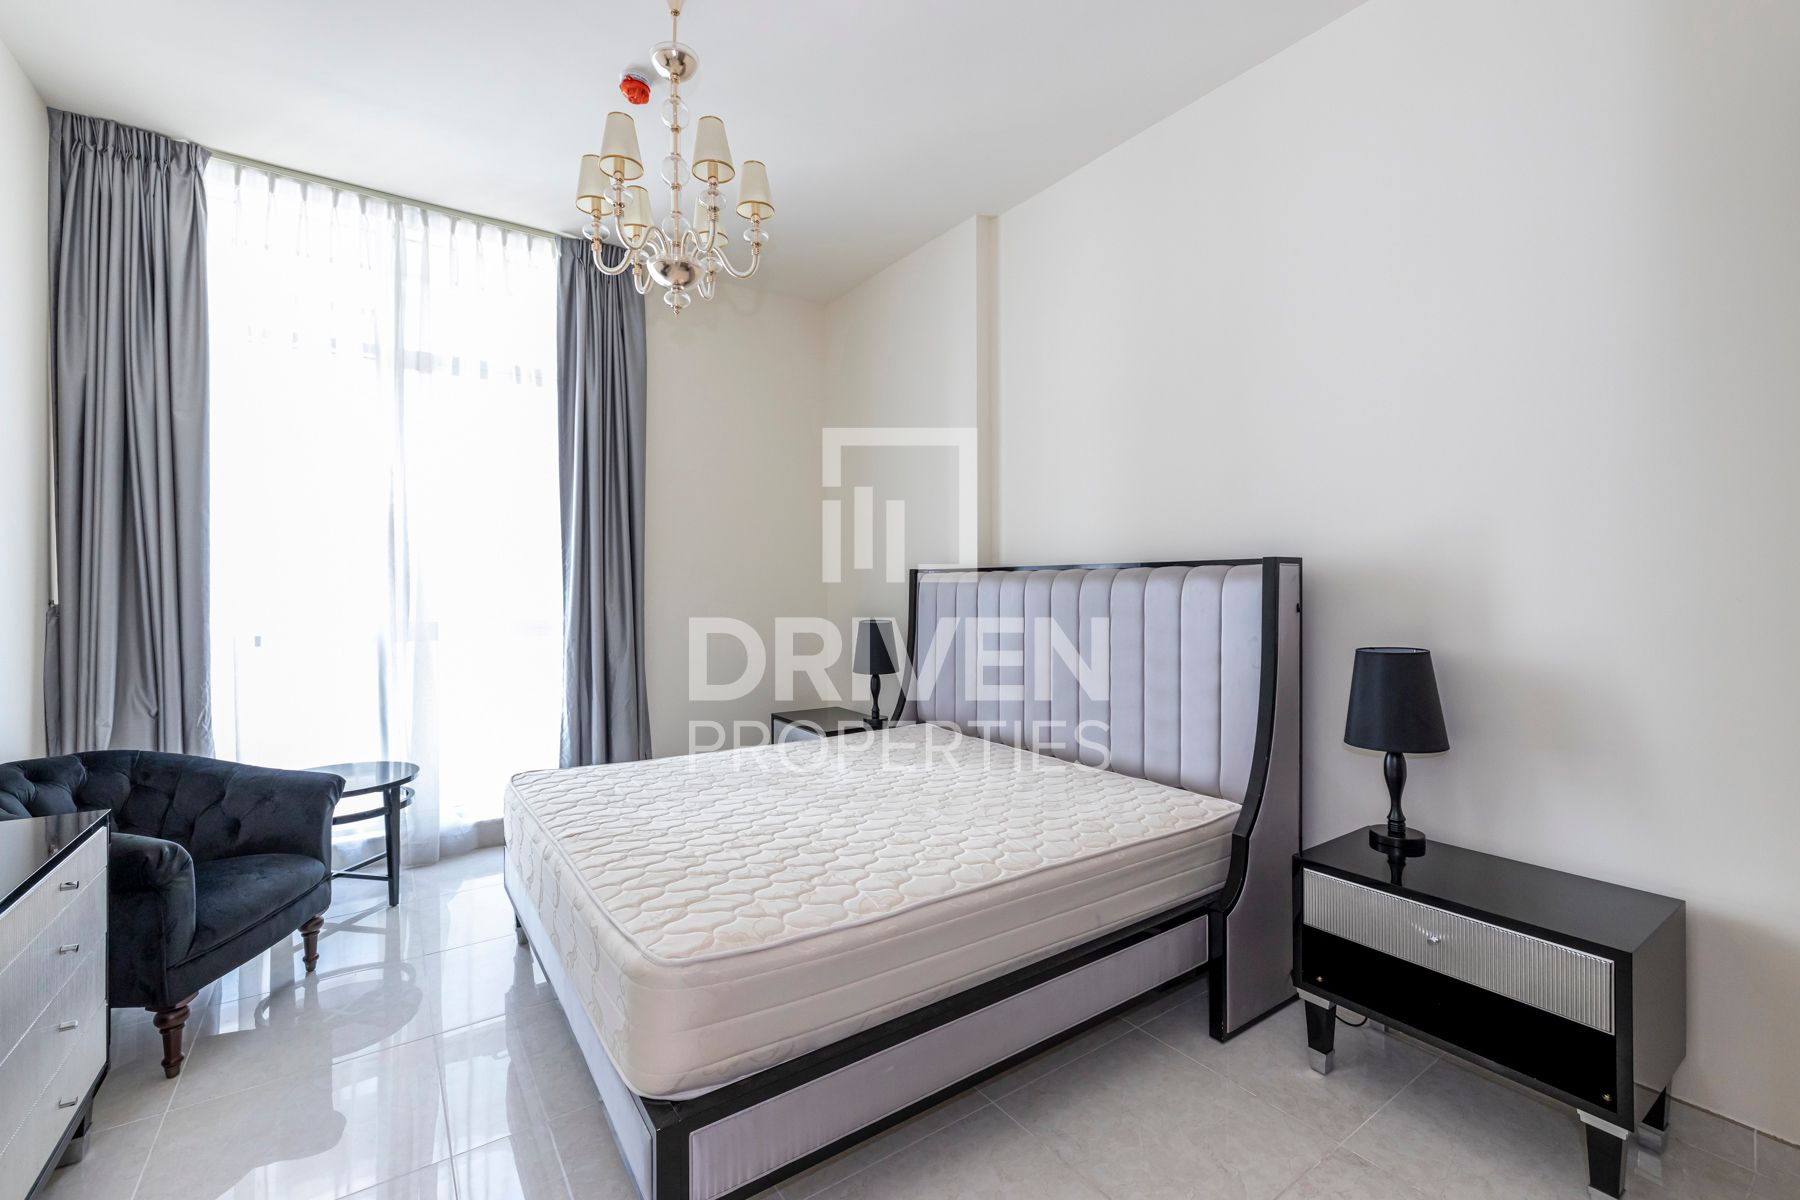 Fully Furnished Apt w/ Meydan Hotel View